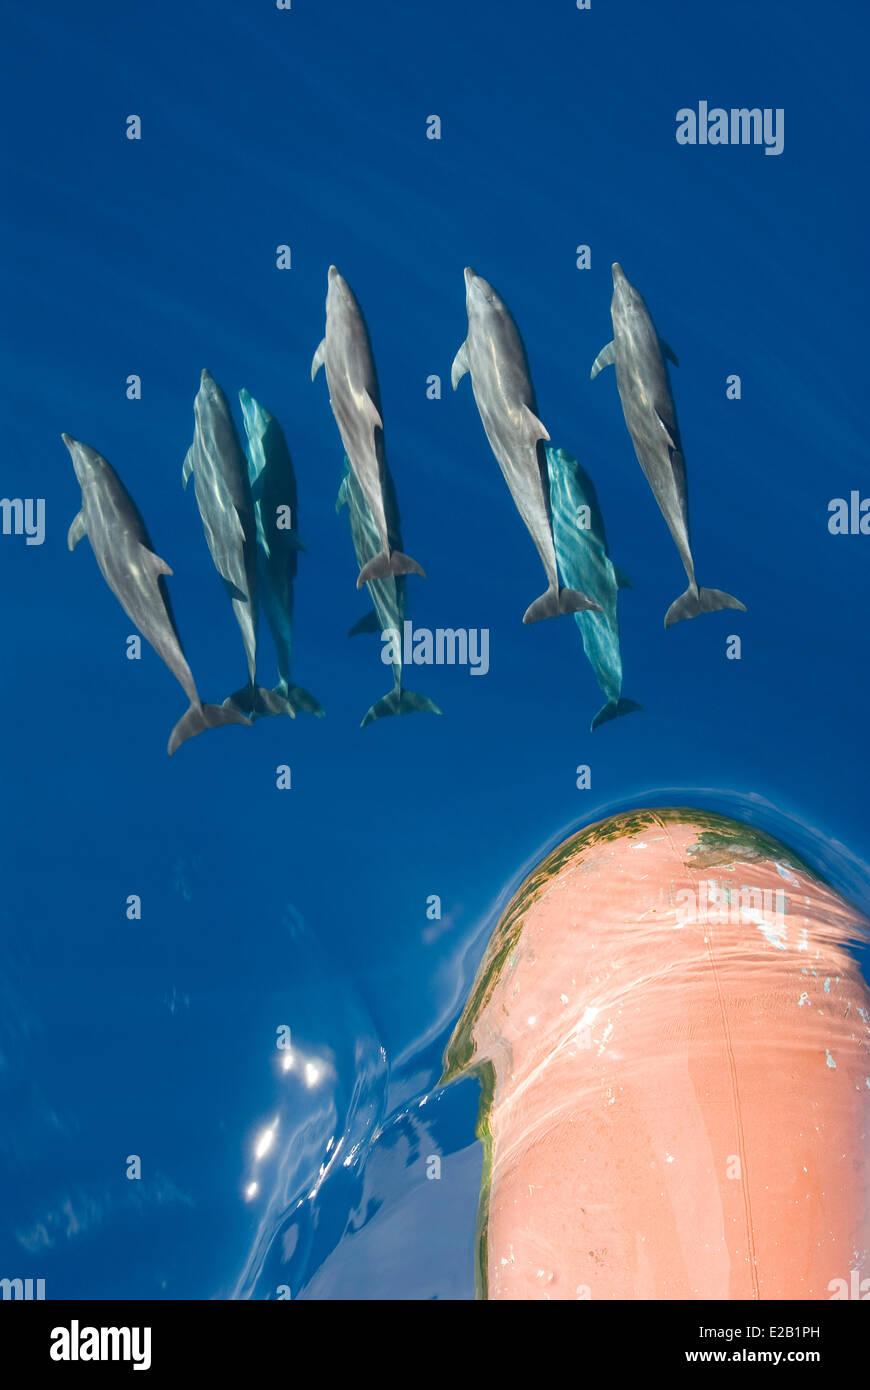 France, French Polynesia, Tuamotu islands, Rangiroa Atoll, cruise aboard the cargo ship Aranui 3, Tursiops dolphins - Stock Image